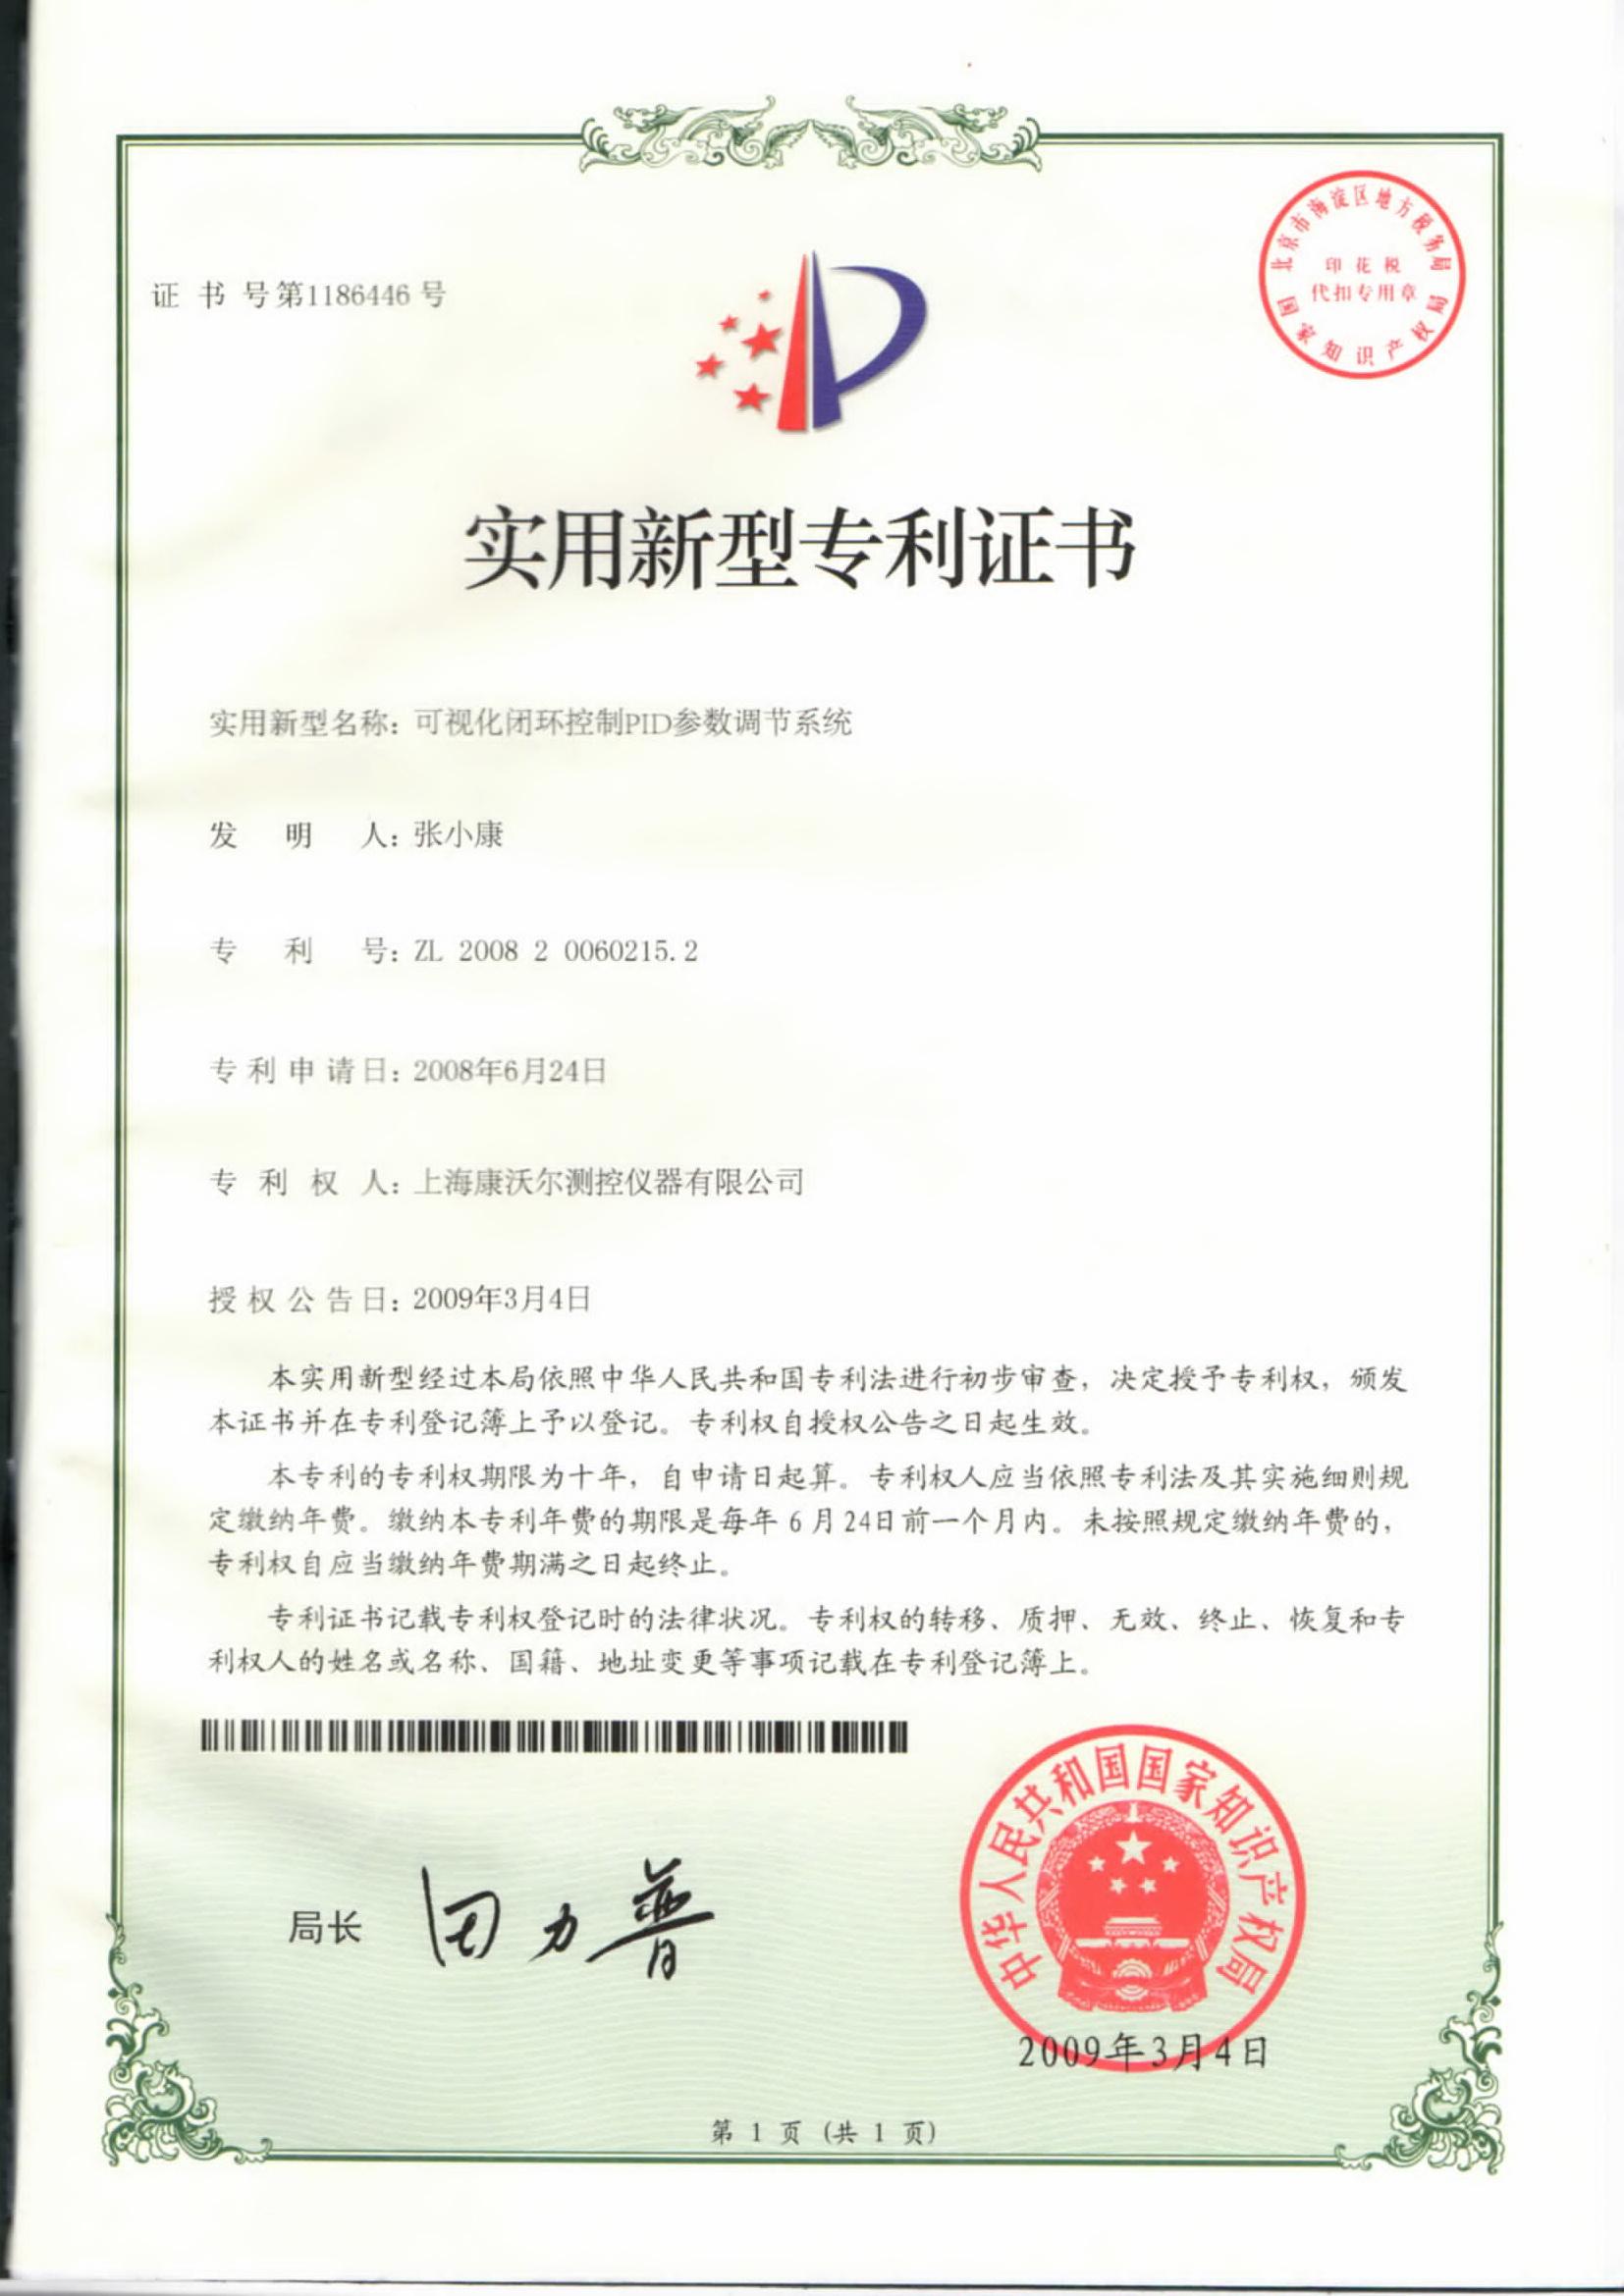 專利證書-可視化閉環控制PID參數調節系統